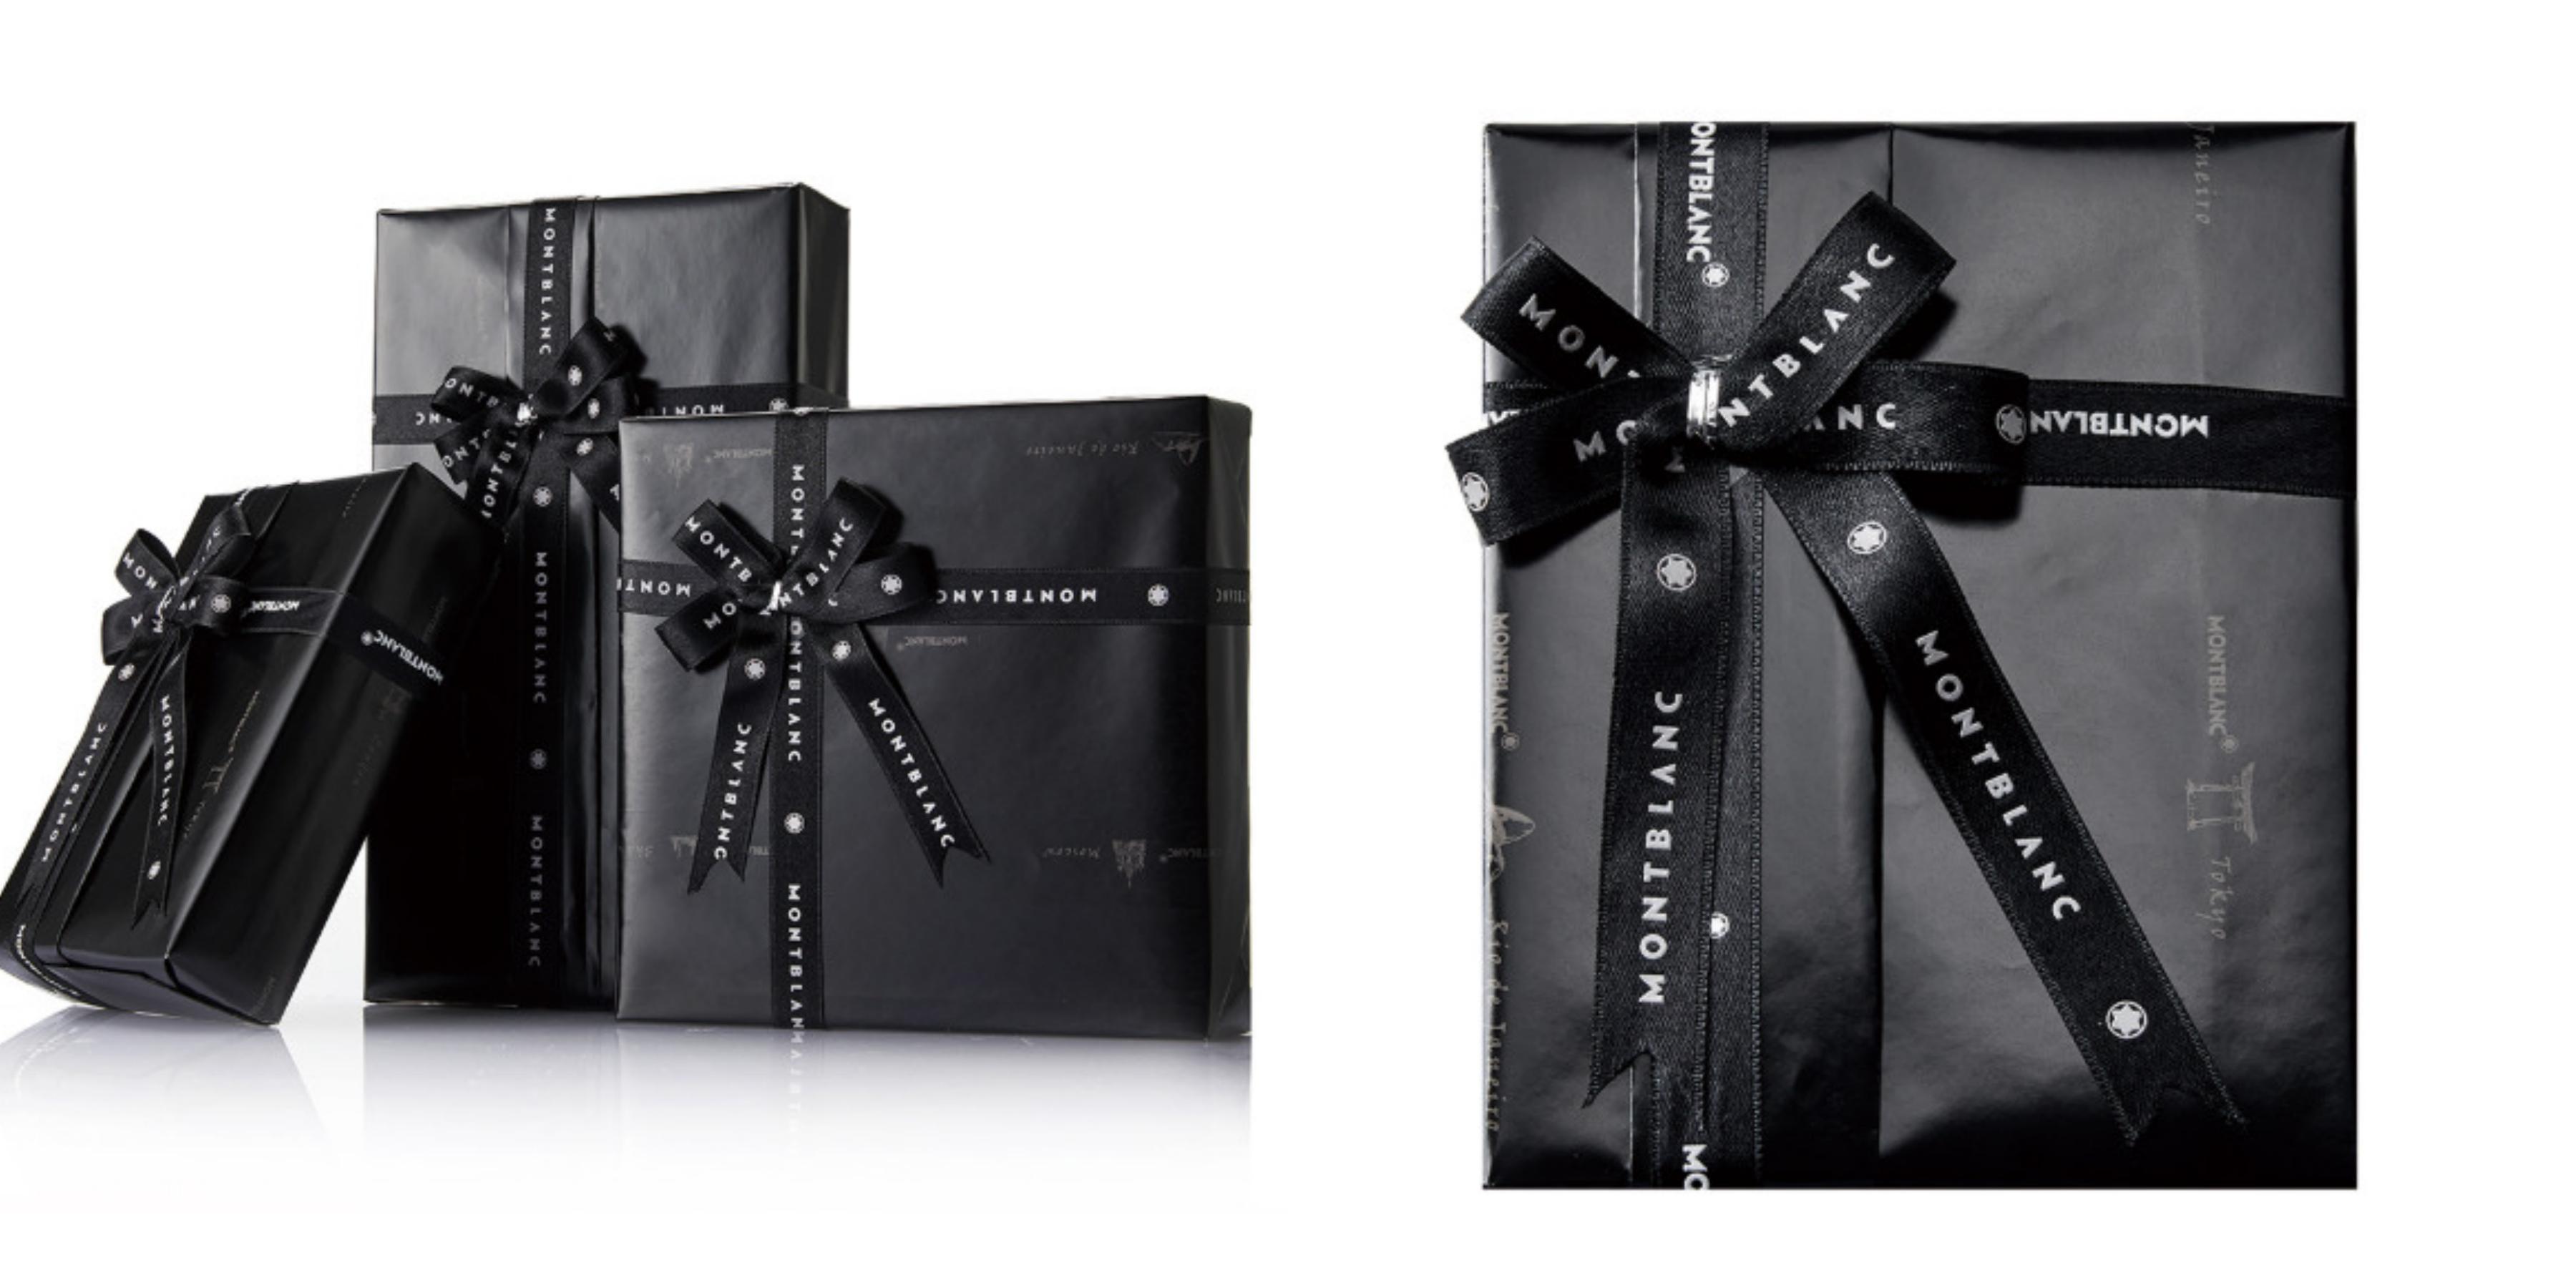 凡購買MONTBLANC萬寶龍的小物件商品,會加贈獨具品味的迷人禮物包裝